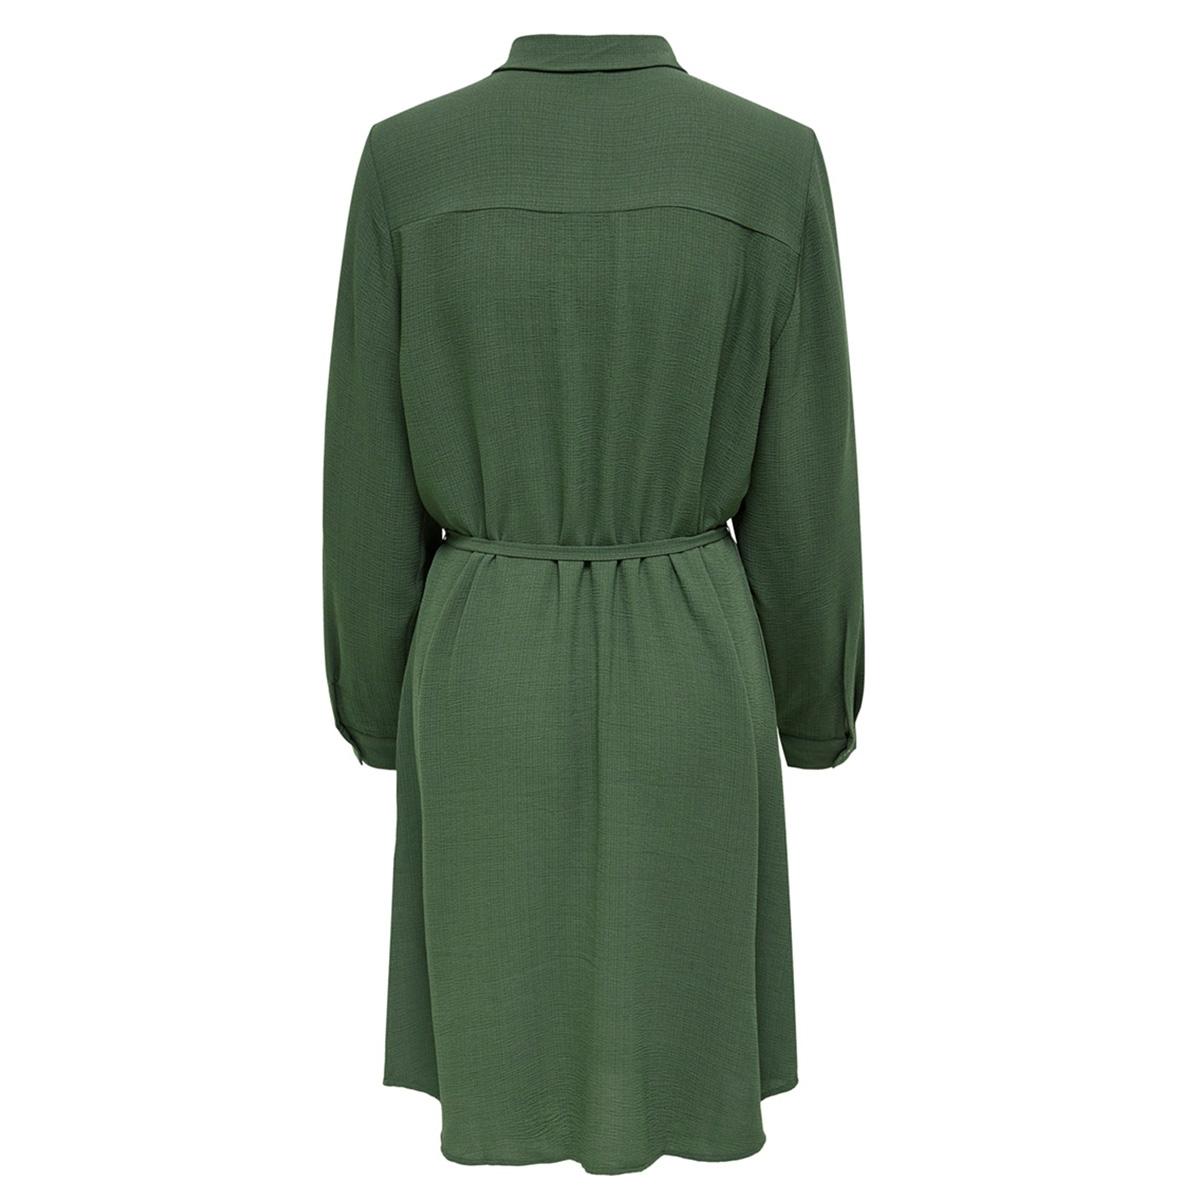 jdypaul l/s shirt dress wvn 15192585 jacqueline de yong jurk thyme